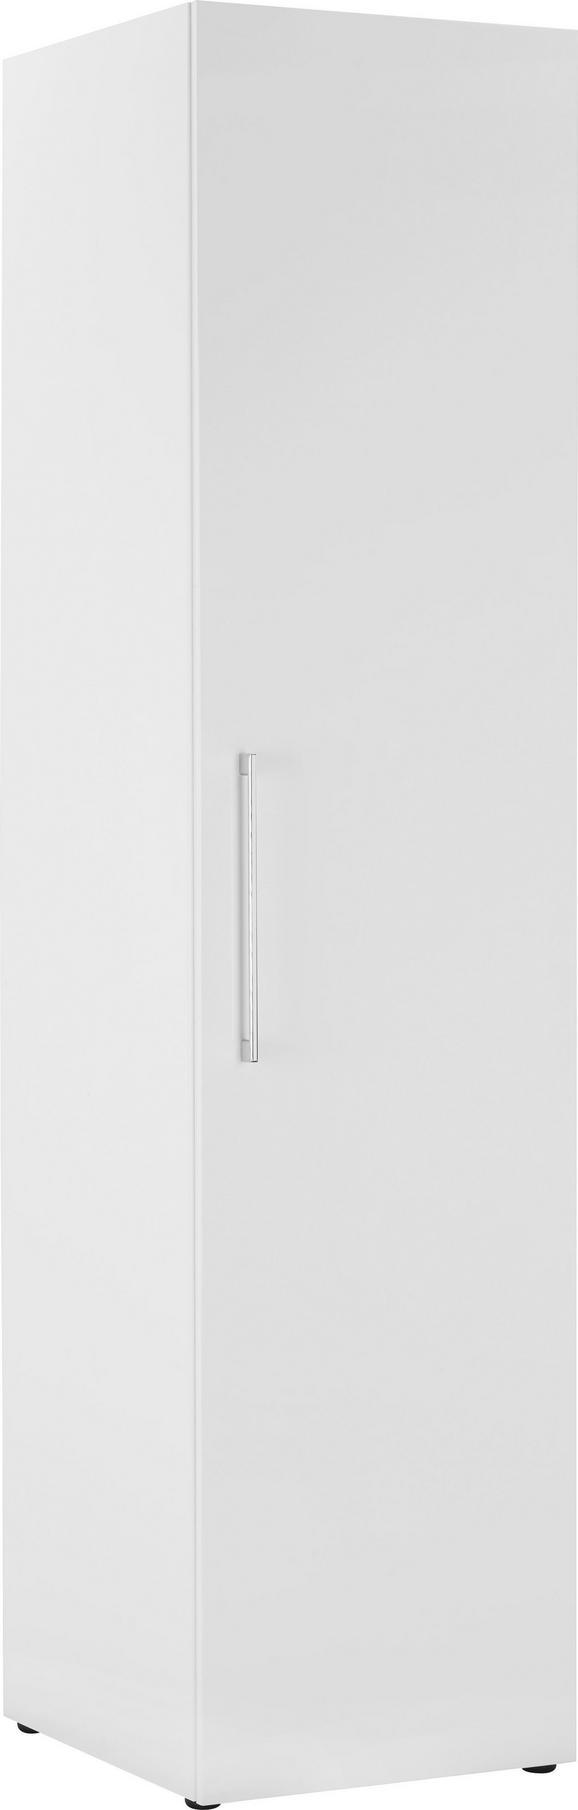 Drehtürenschrank Alpinweiß Hochglanz - Edelstahlfarben/Weiß, MODERN, Holzwerkstoff/Metall (50/206/57cm) - MODERN LIVING